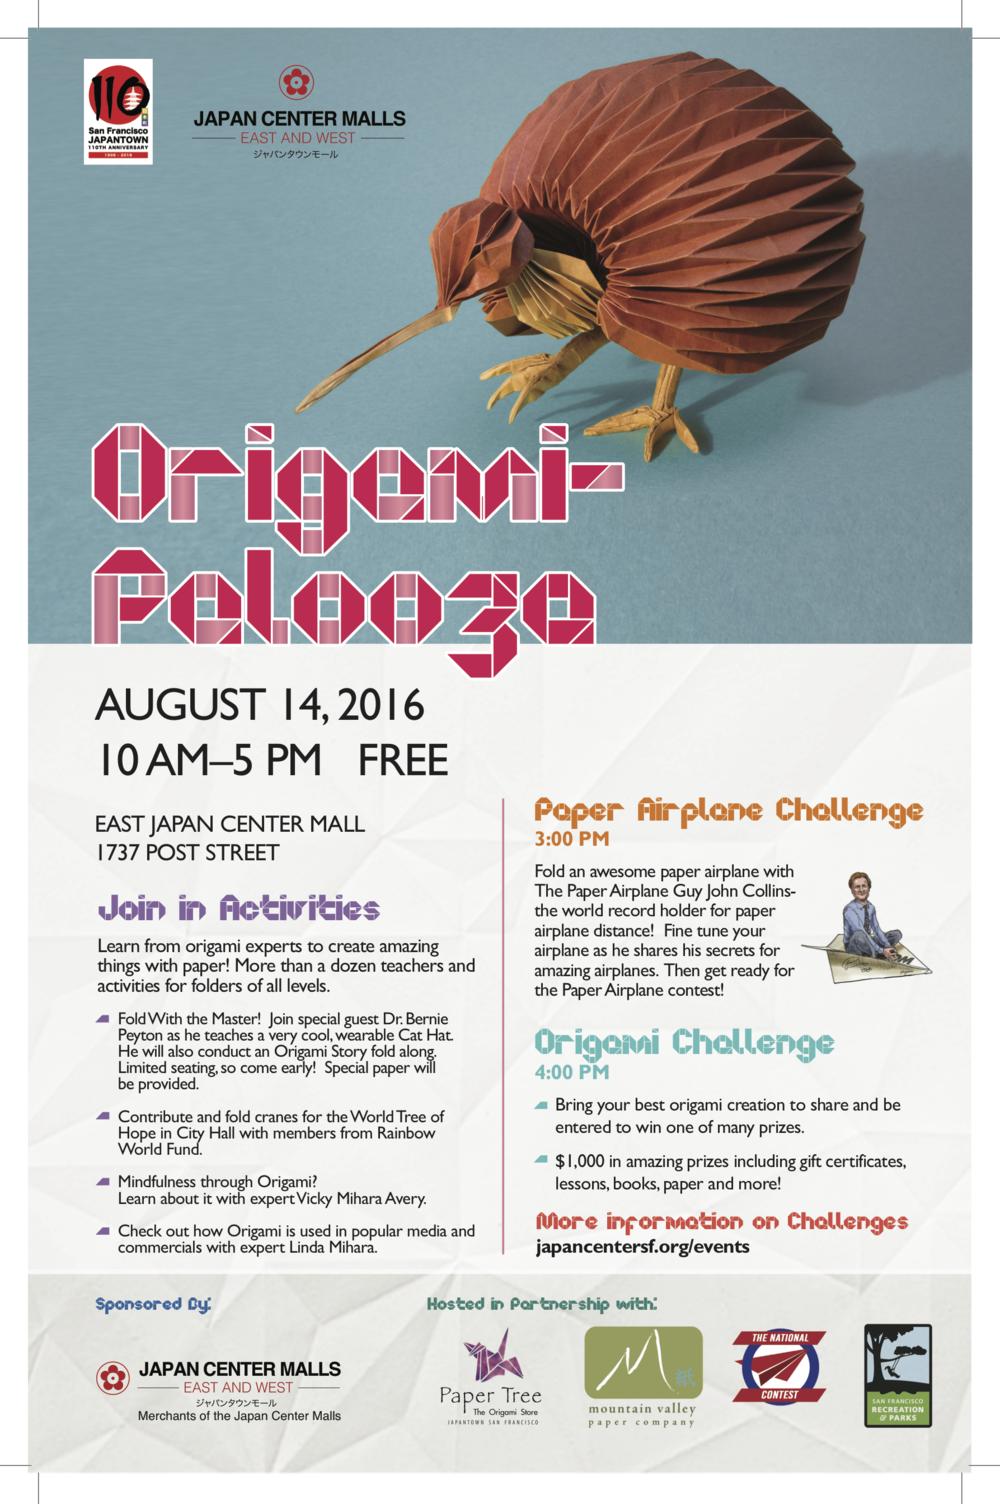 OrigamiPalooza_Final2_press.png